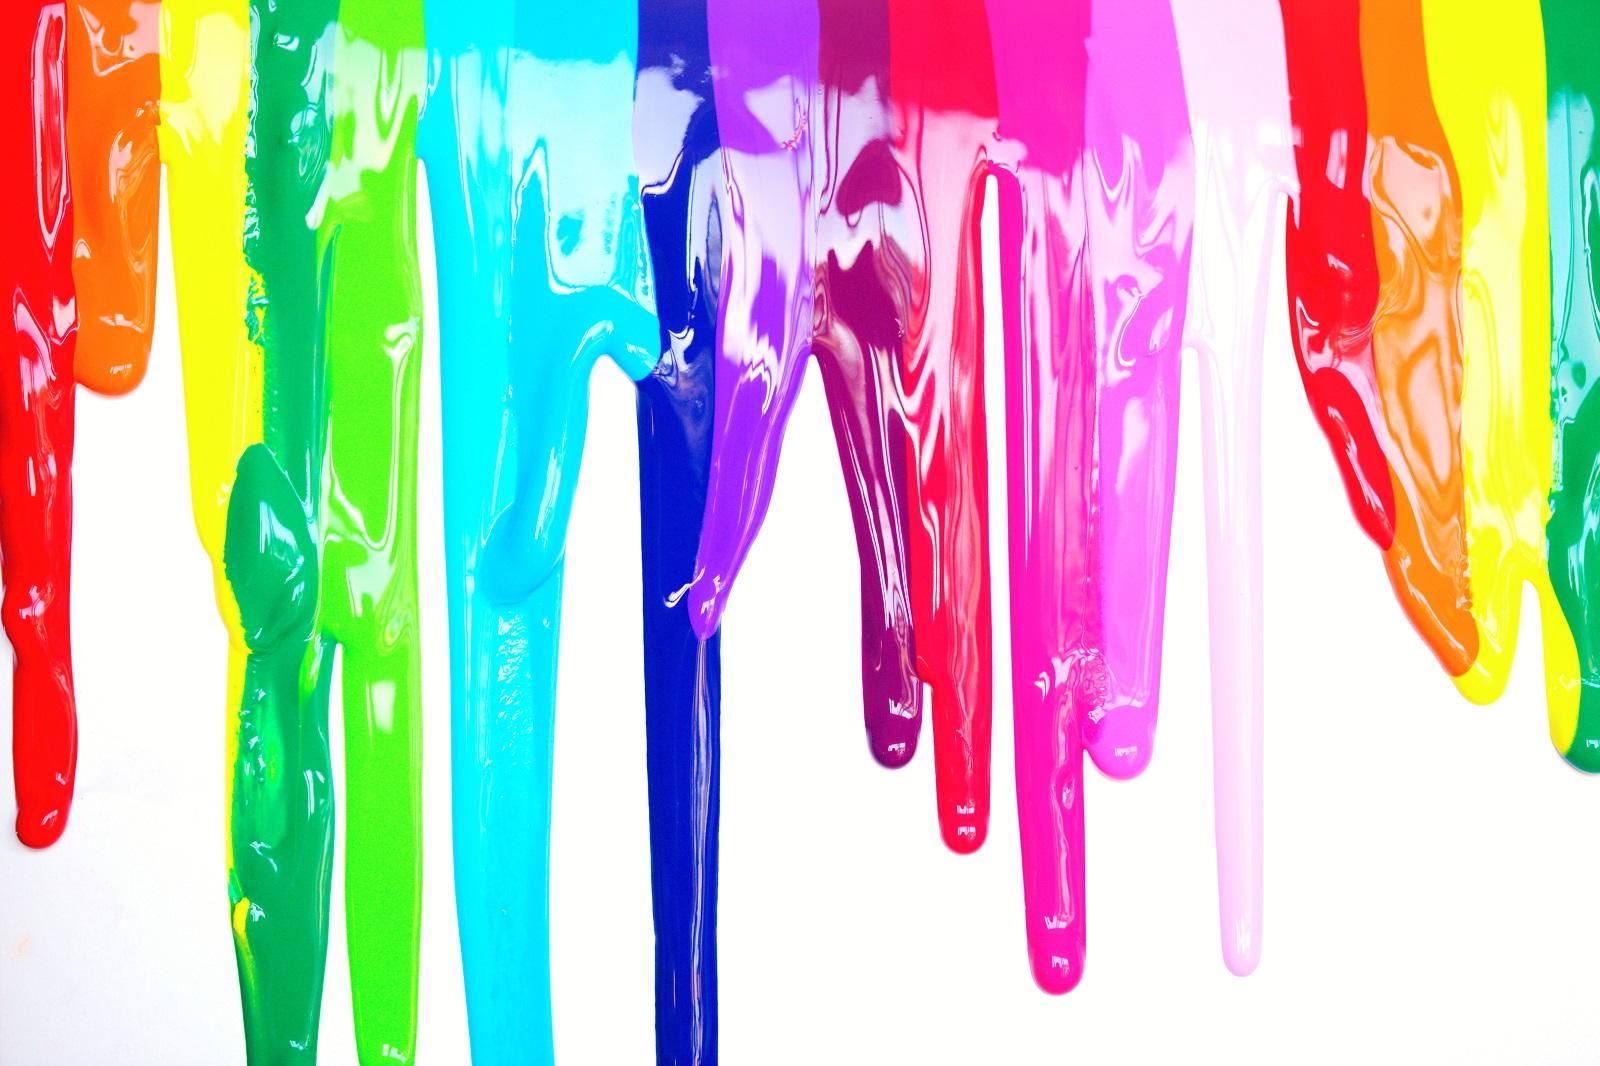 consejos quitar manchas pintura ropa